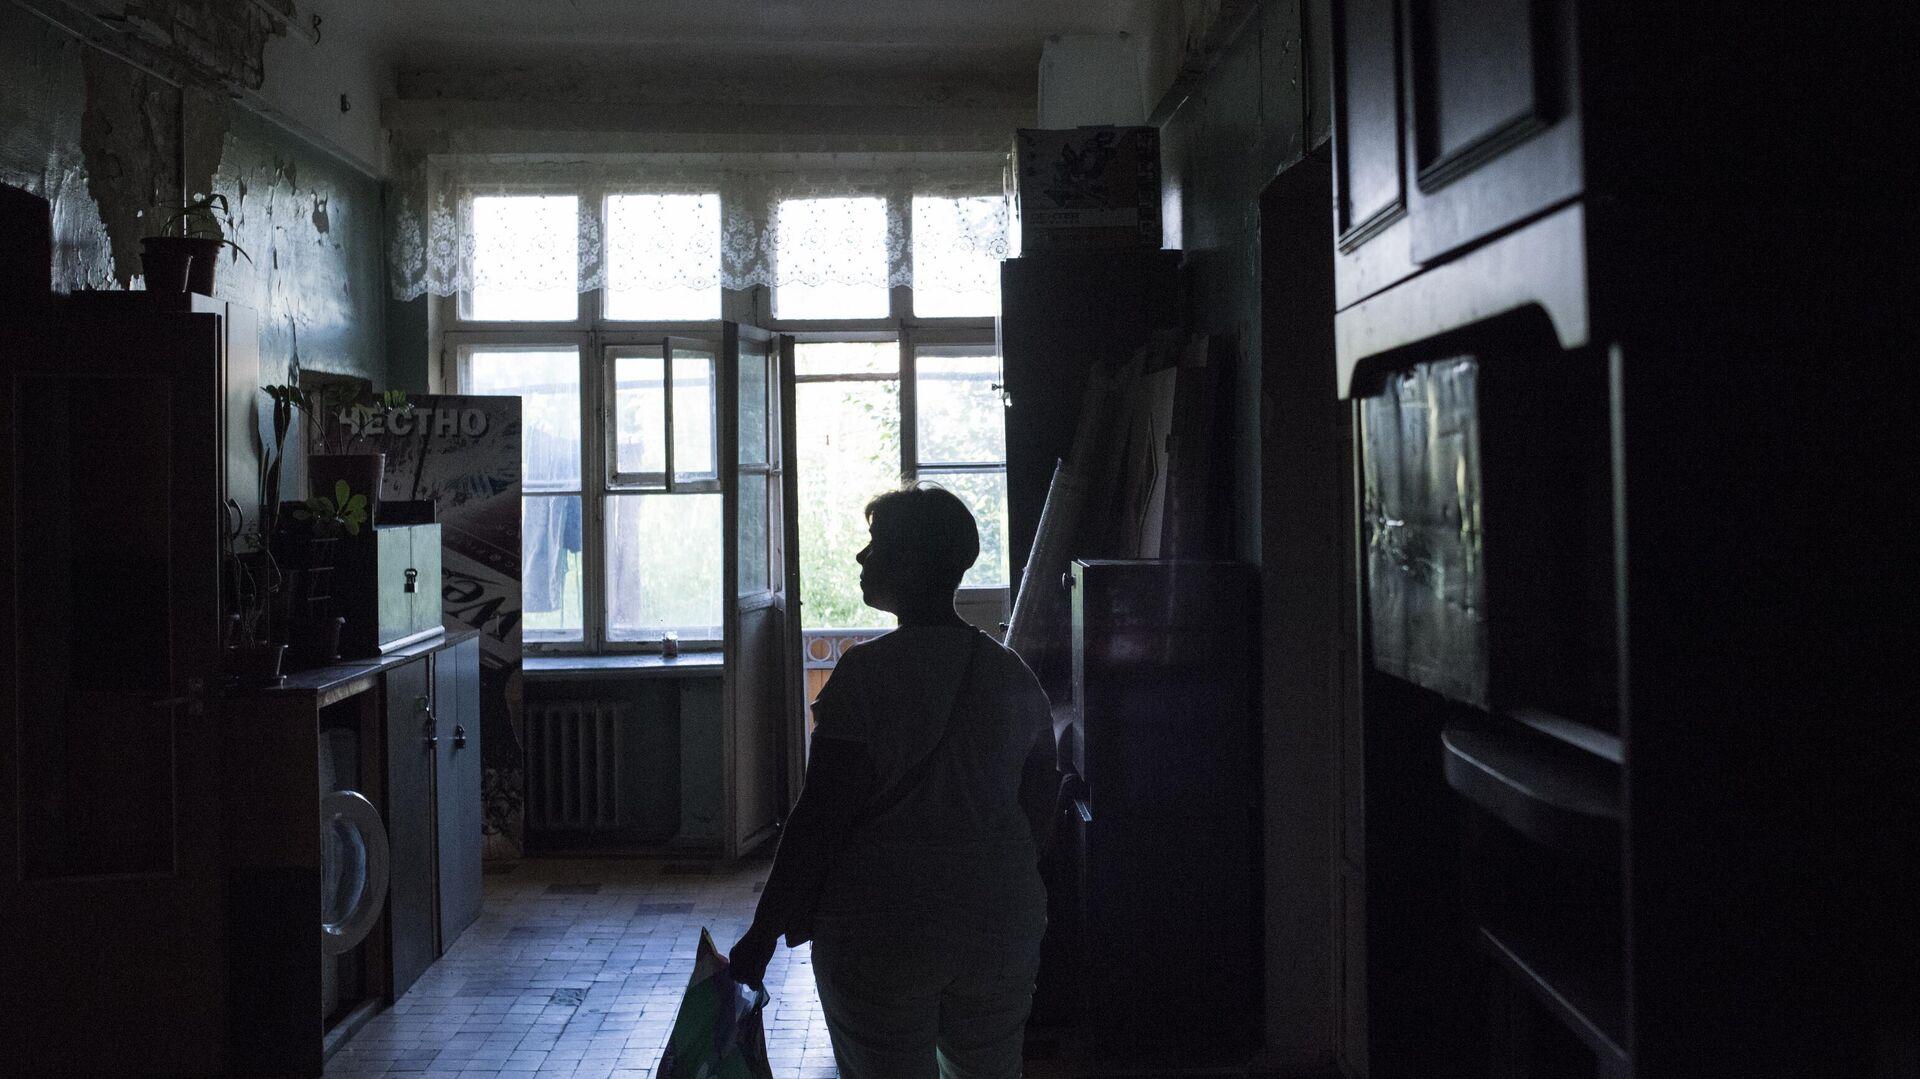 Реновация жилья в Москве - РИА Новости, 1920, 24.03.2020